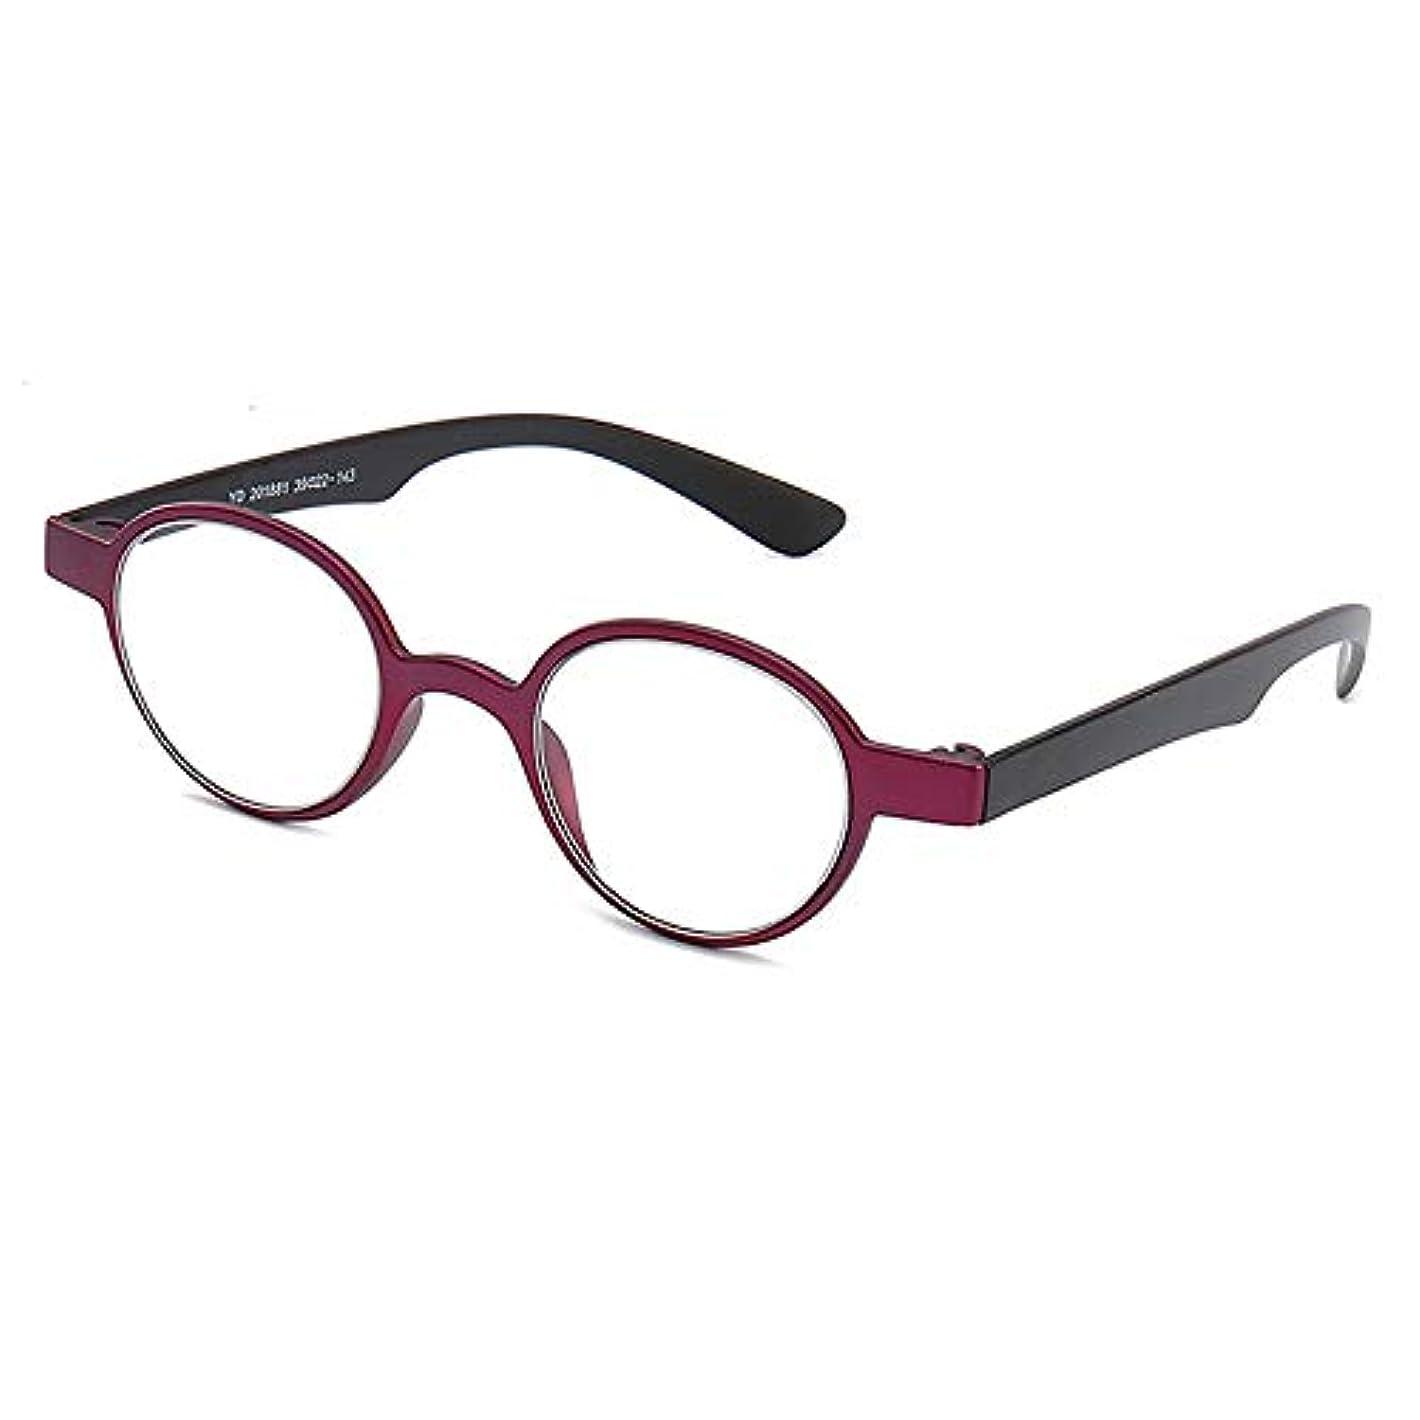 男性と女性のためのポータブルファッションラウンドレトロ老眼鏡超軽量快適なシンプルな抗疲労,赤,+1.5